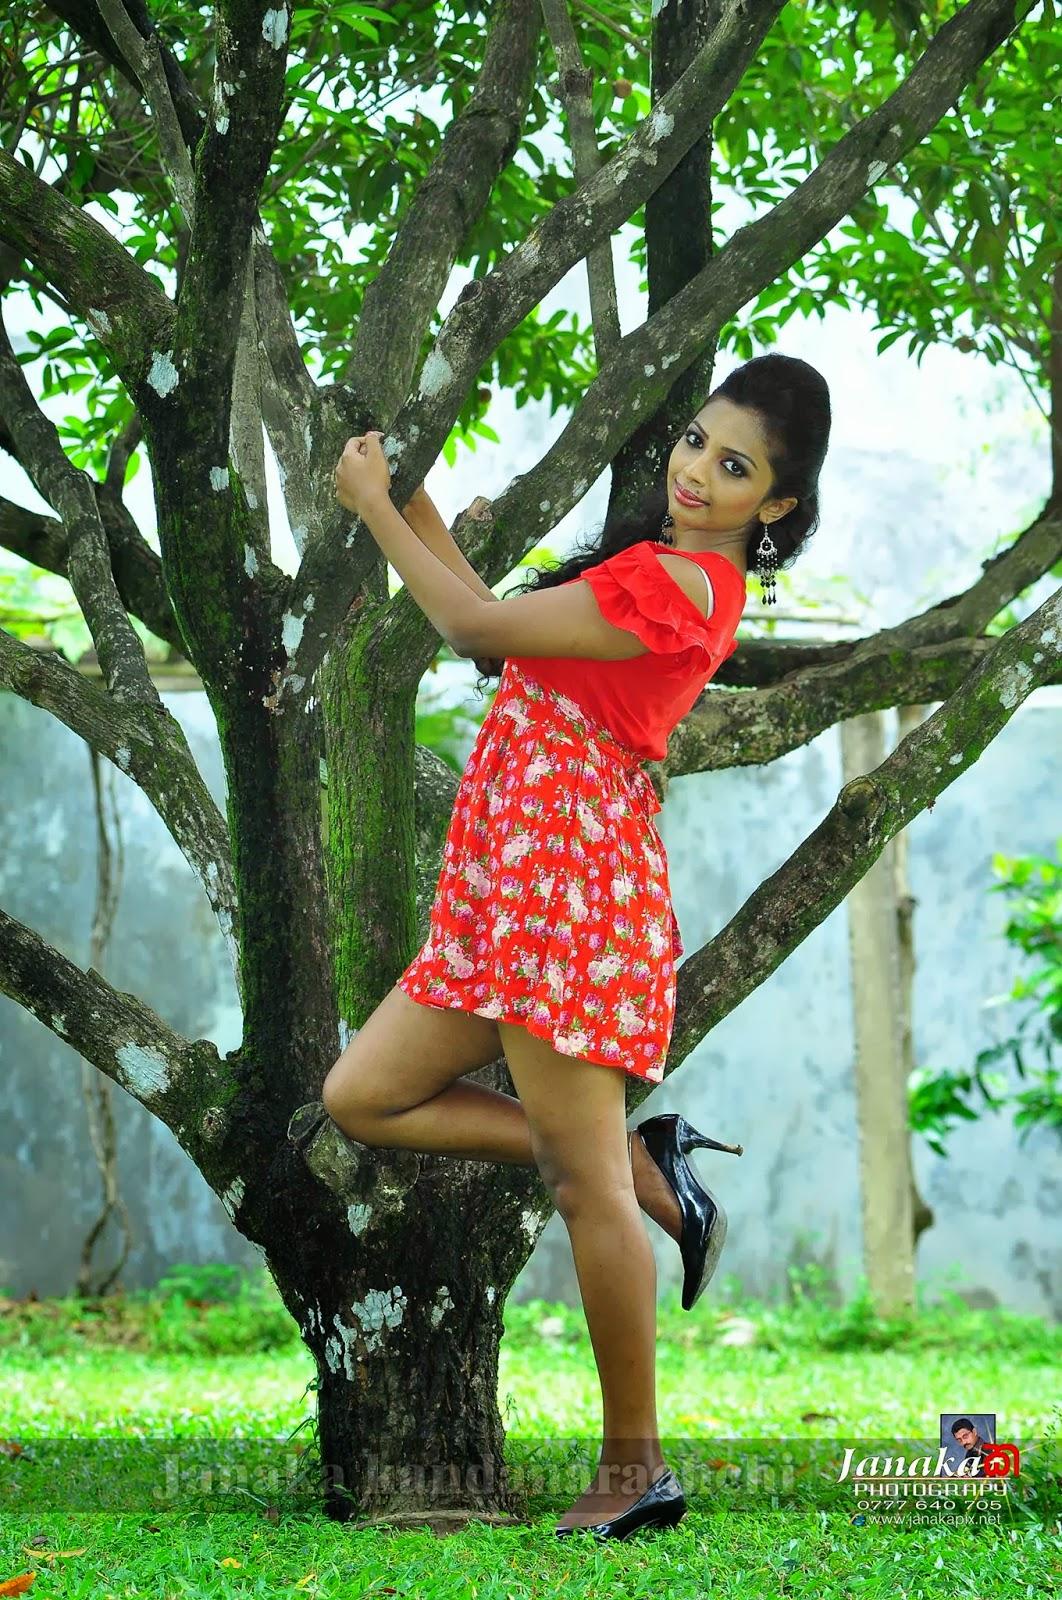 Lakshika Jayawardhana red hot